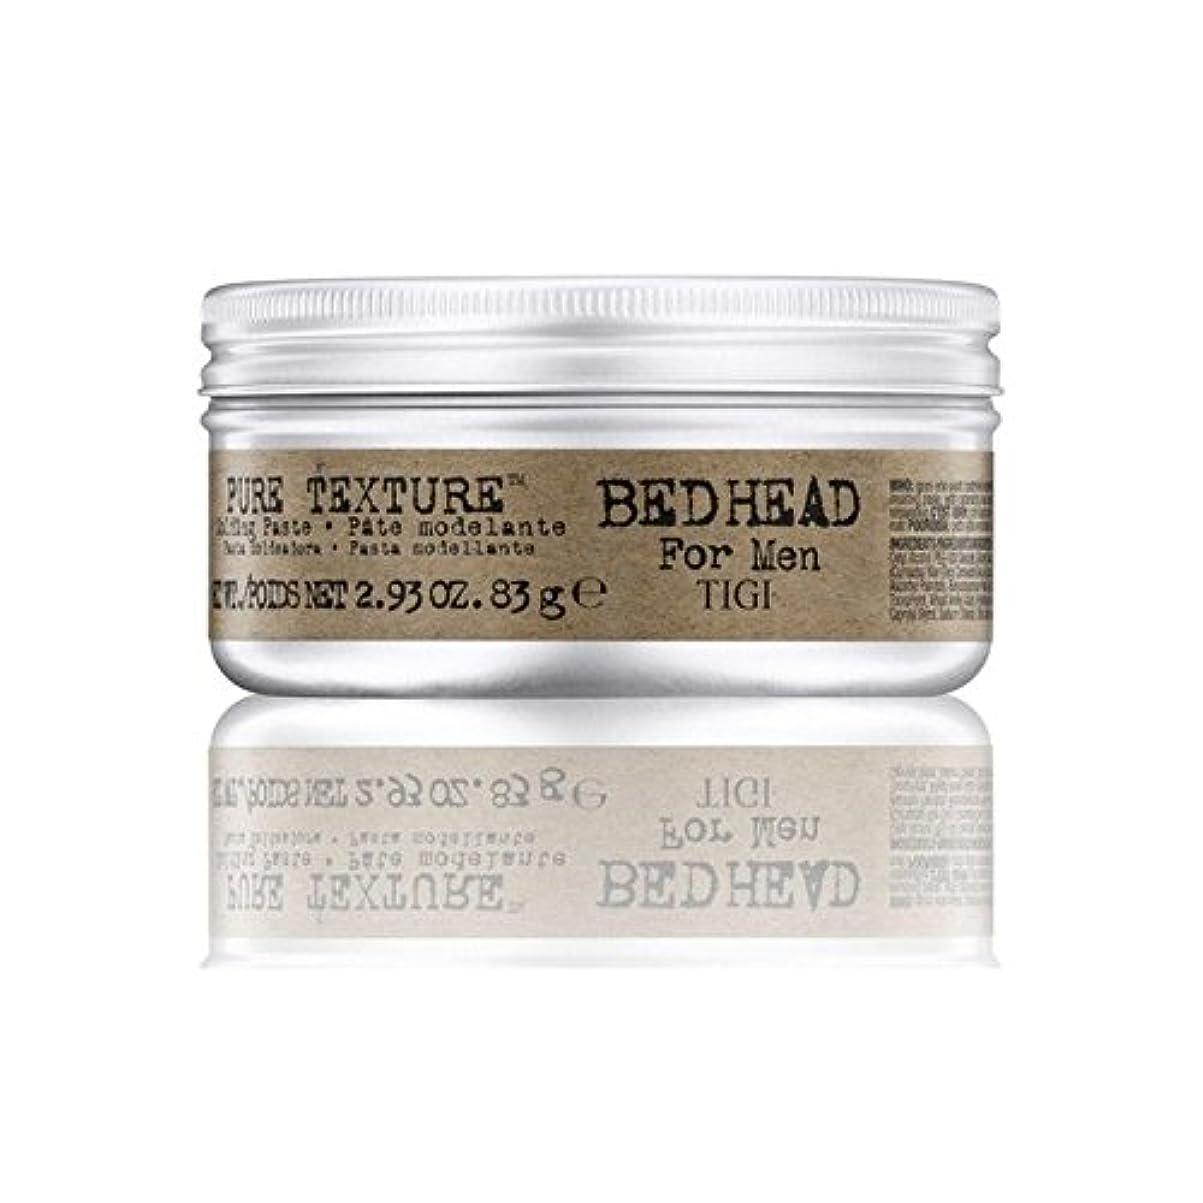 オークランド受け入れ文庫本Tigi Bed Head For Men Pure Texture Molding Paste (83G) (Pack of 6) - 男性の純粋なテクスチャーモールディングペースト(83グラム)のためのティジーベッドヘッド...